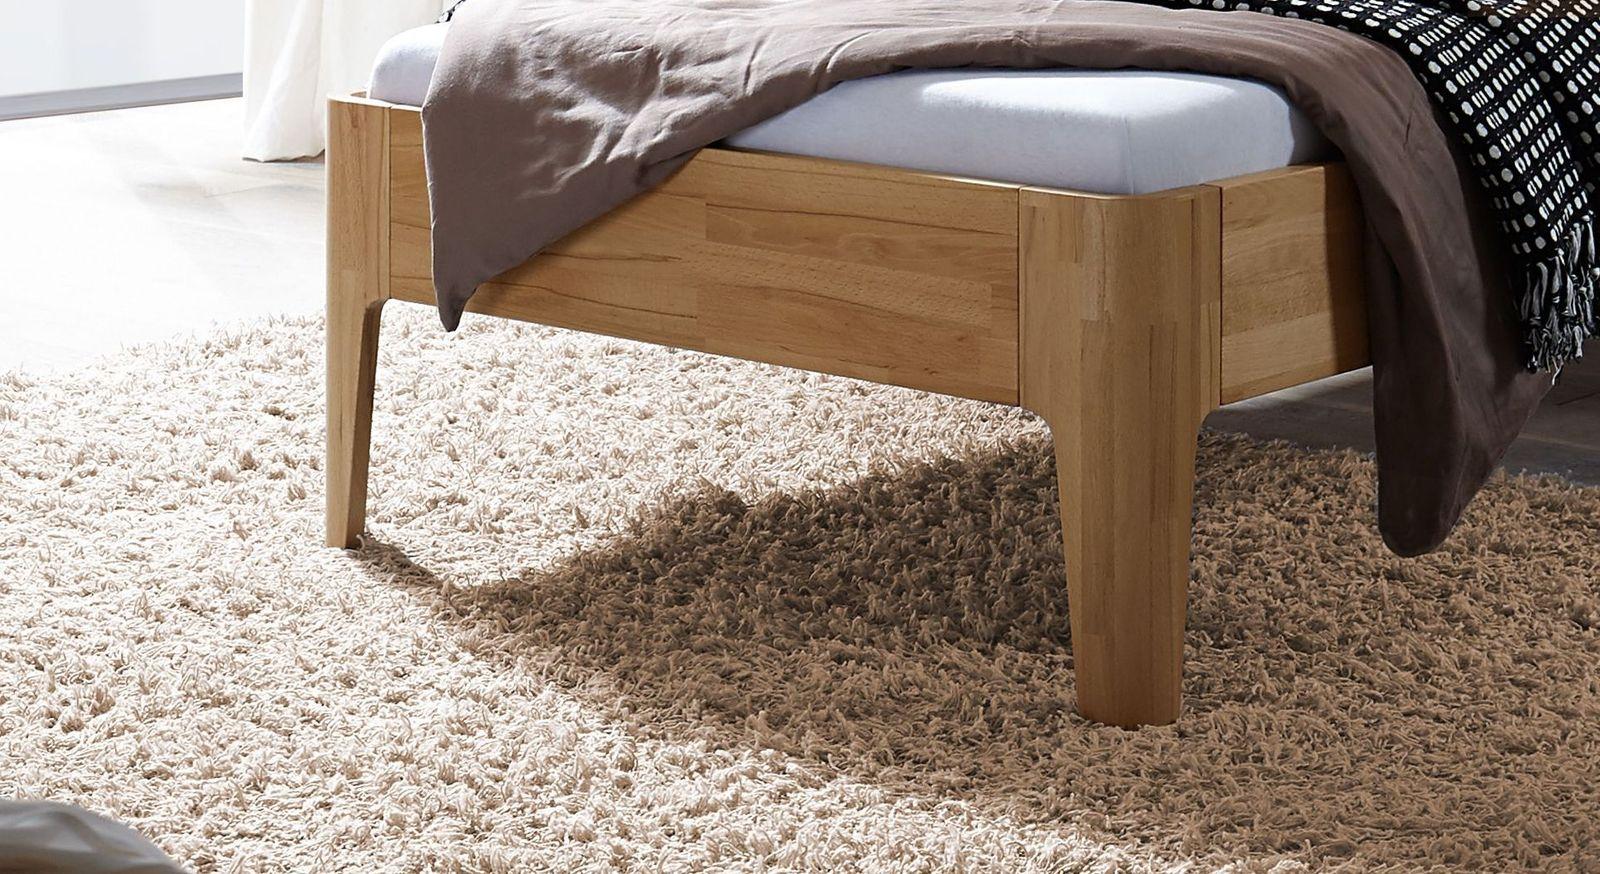 Komfort-Einzelbett Baleira mit abgerundeten Eckfüßen